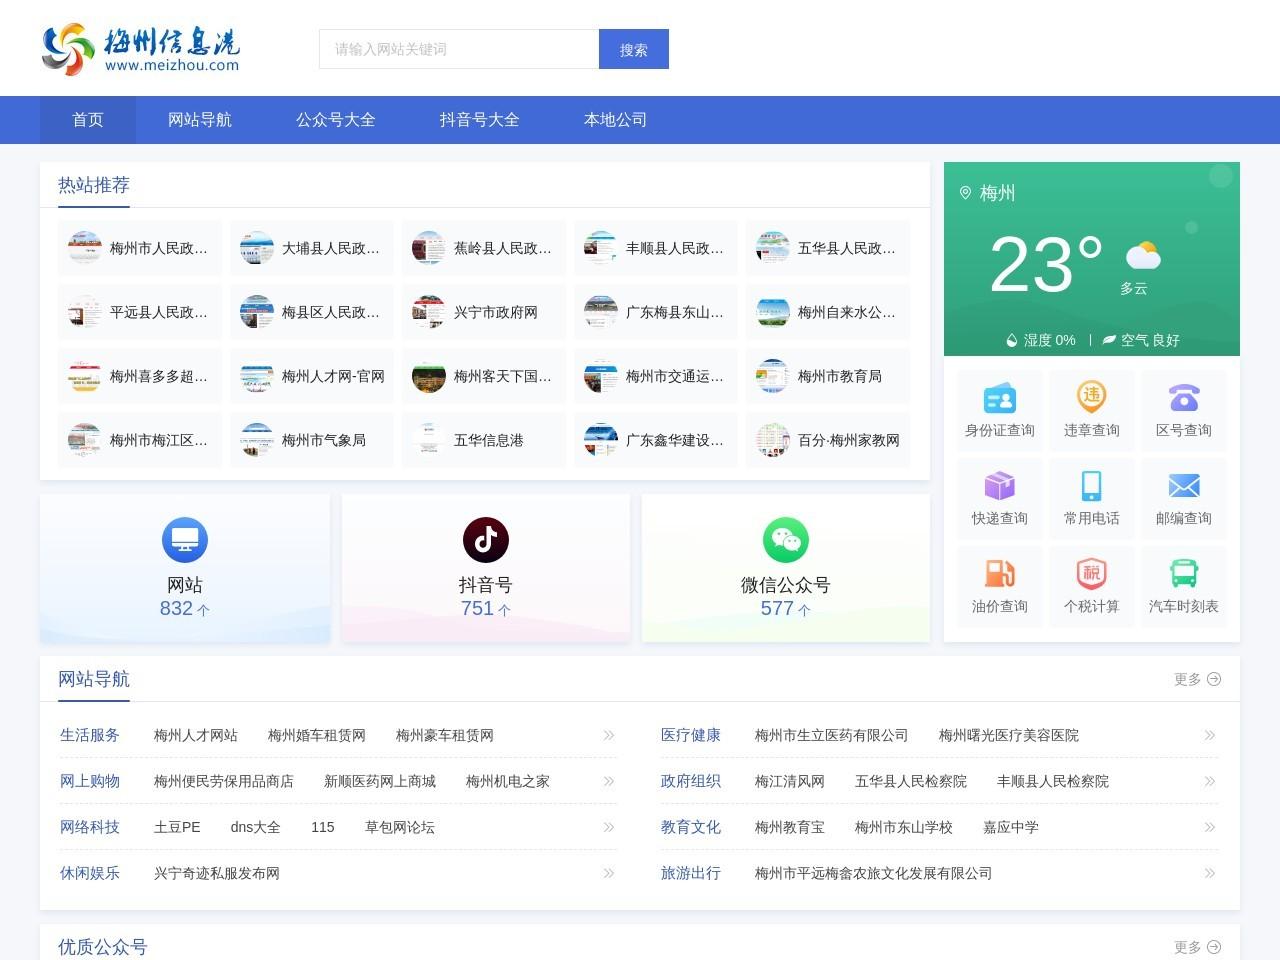 梅州信息港_梅州新闻_梅州视窗